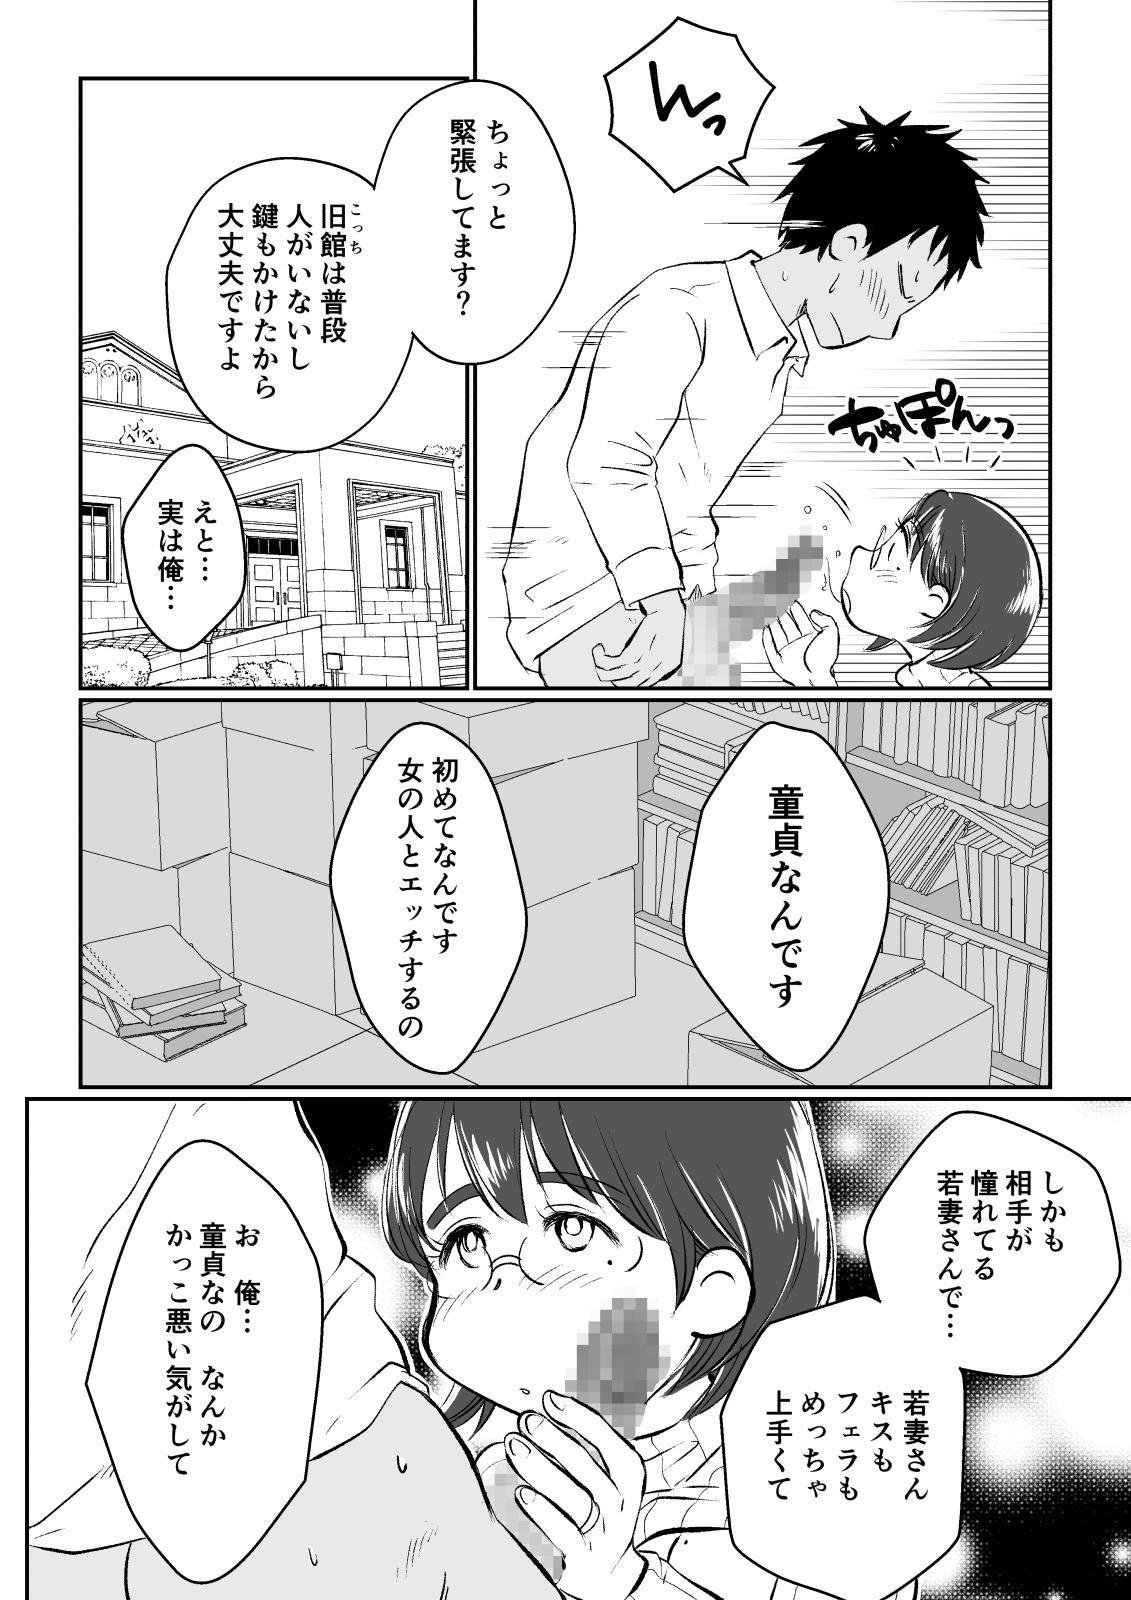 [Megitsune Works] Wakazuma-san wa Yokkyuu Fuman! Akogare no Shisho no Wakazuma-san ga Gakusei Beit no Boku no Fudeoroshi o Shite kuremashita. 33